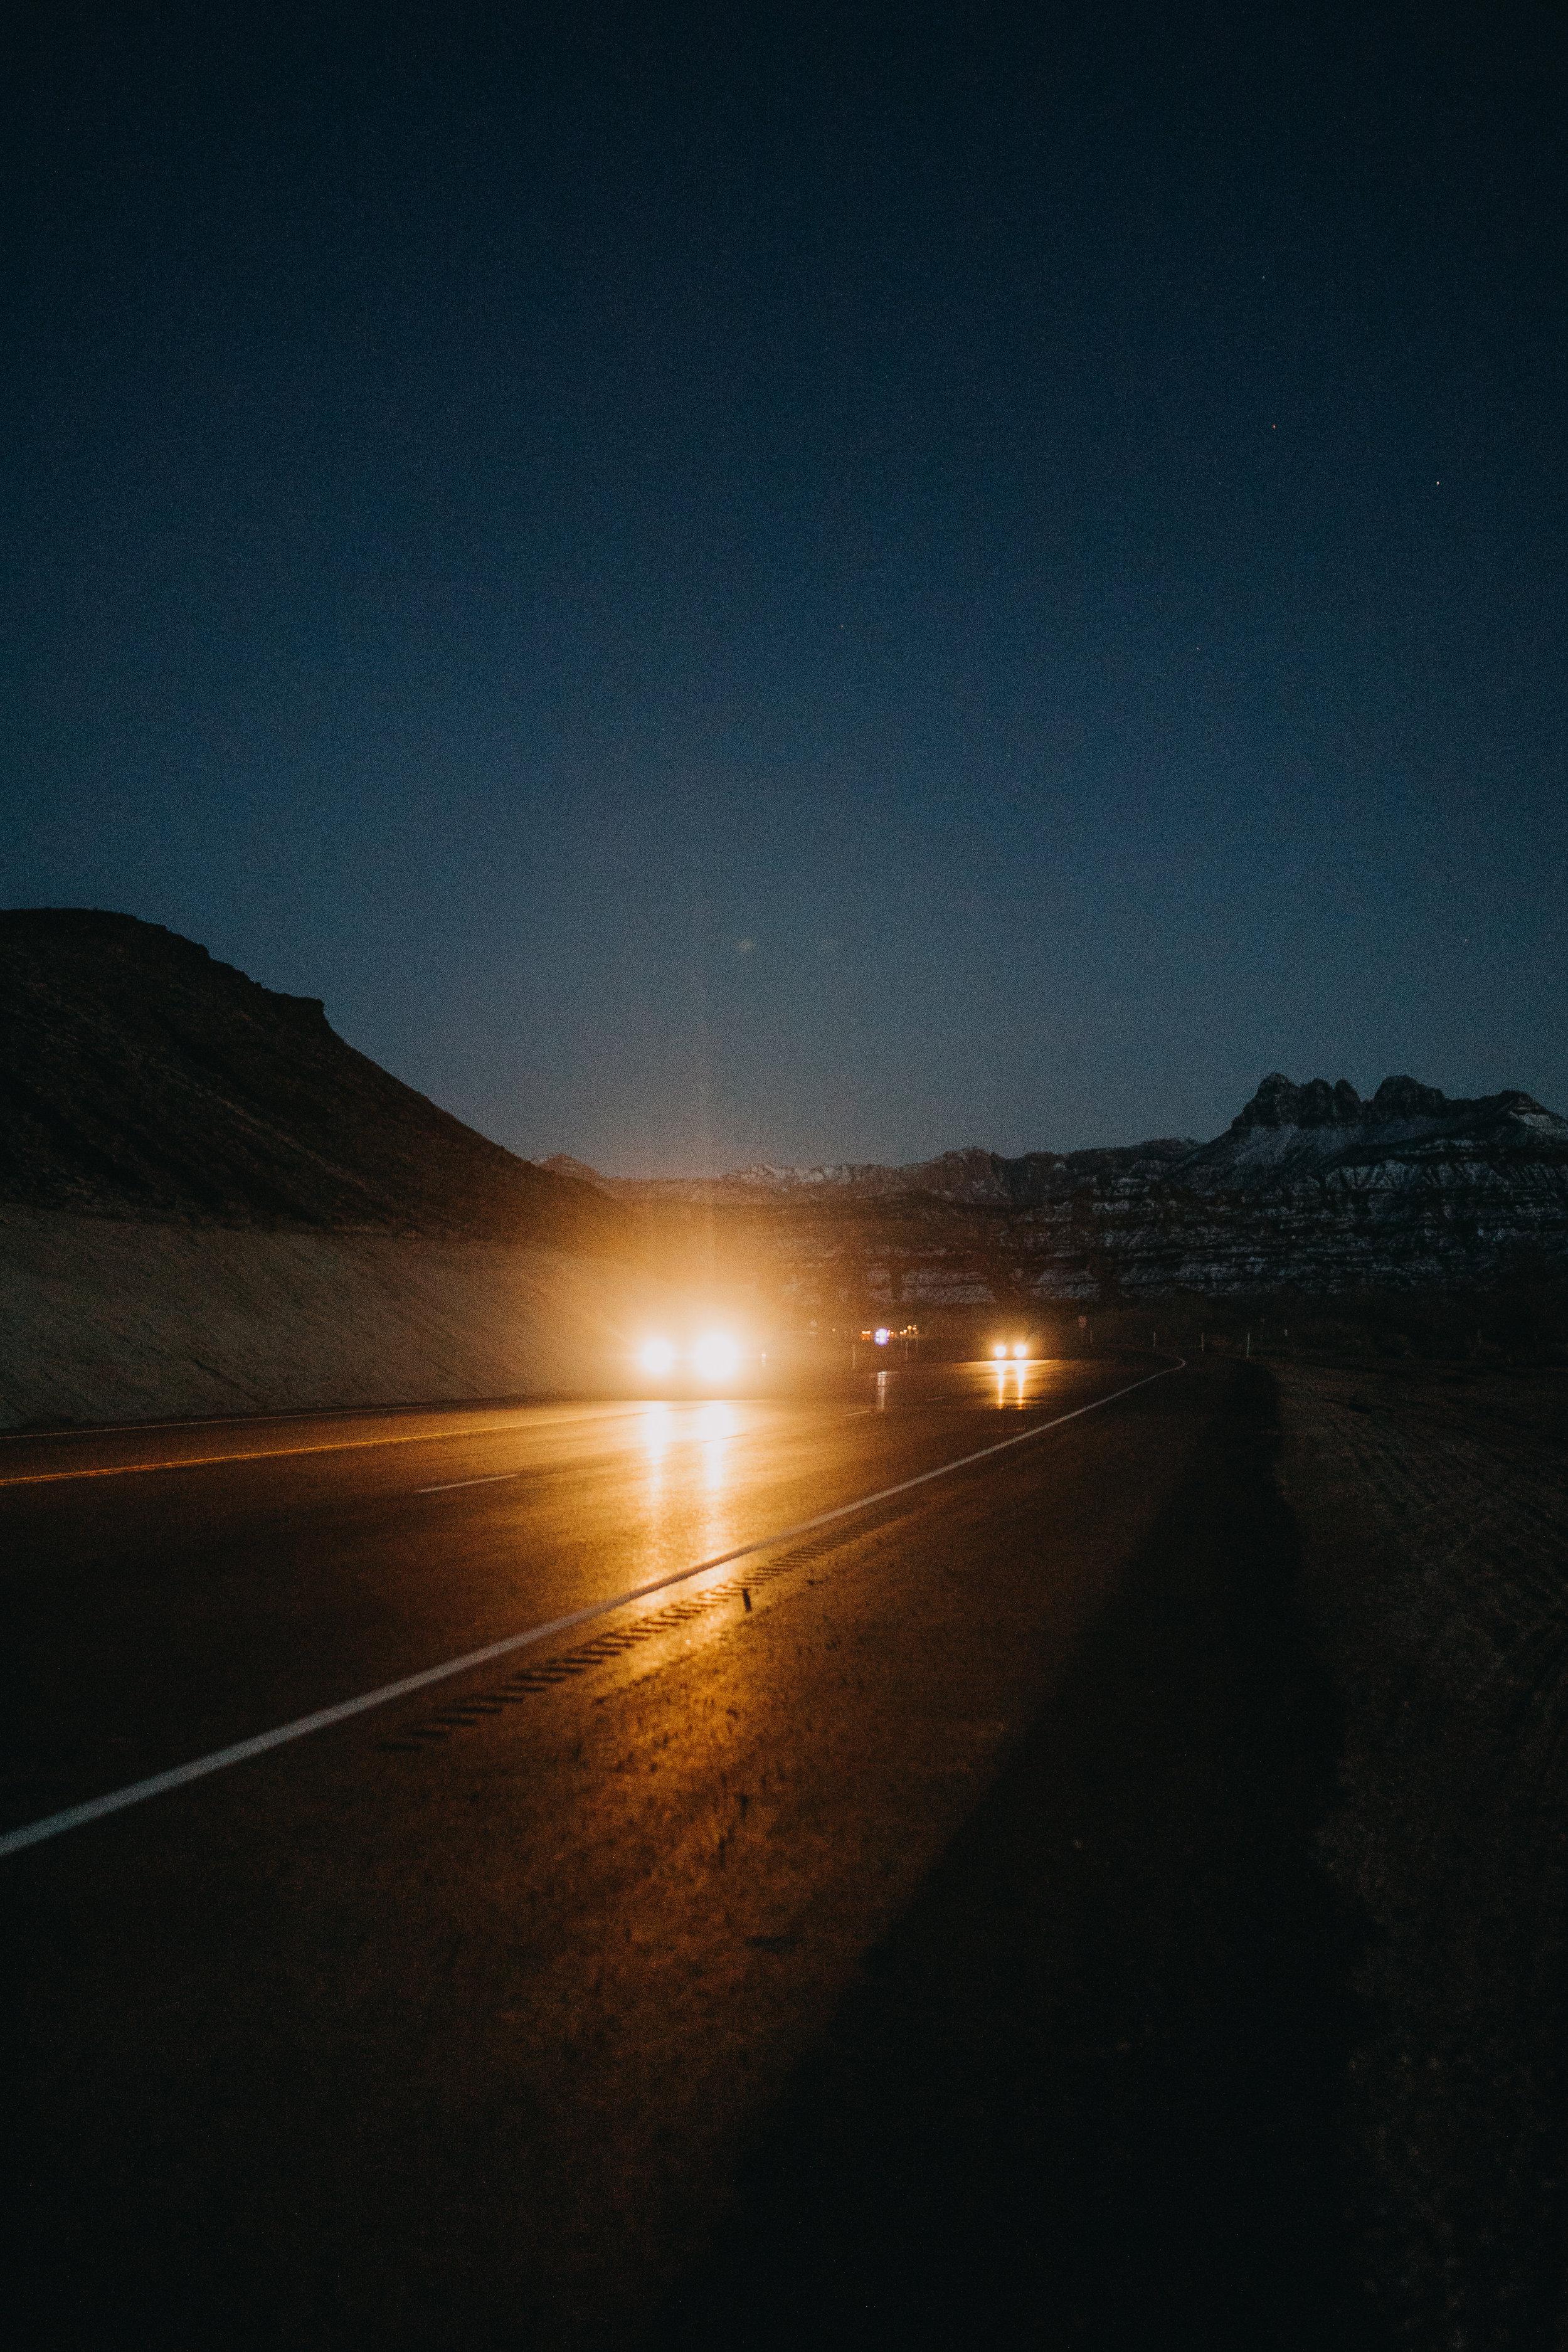 8. Utah Highway